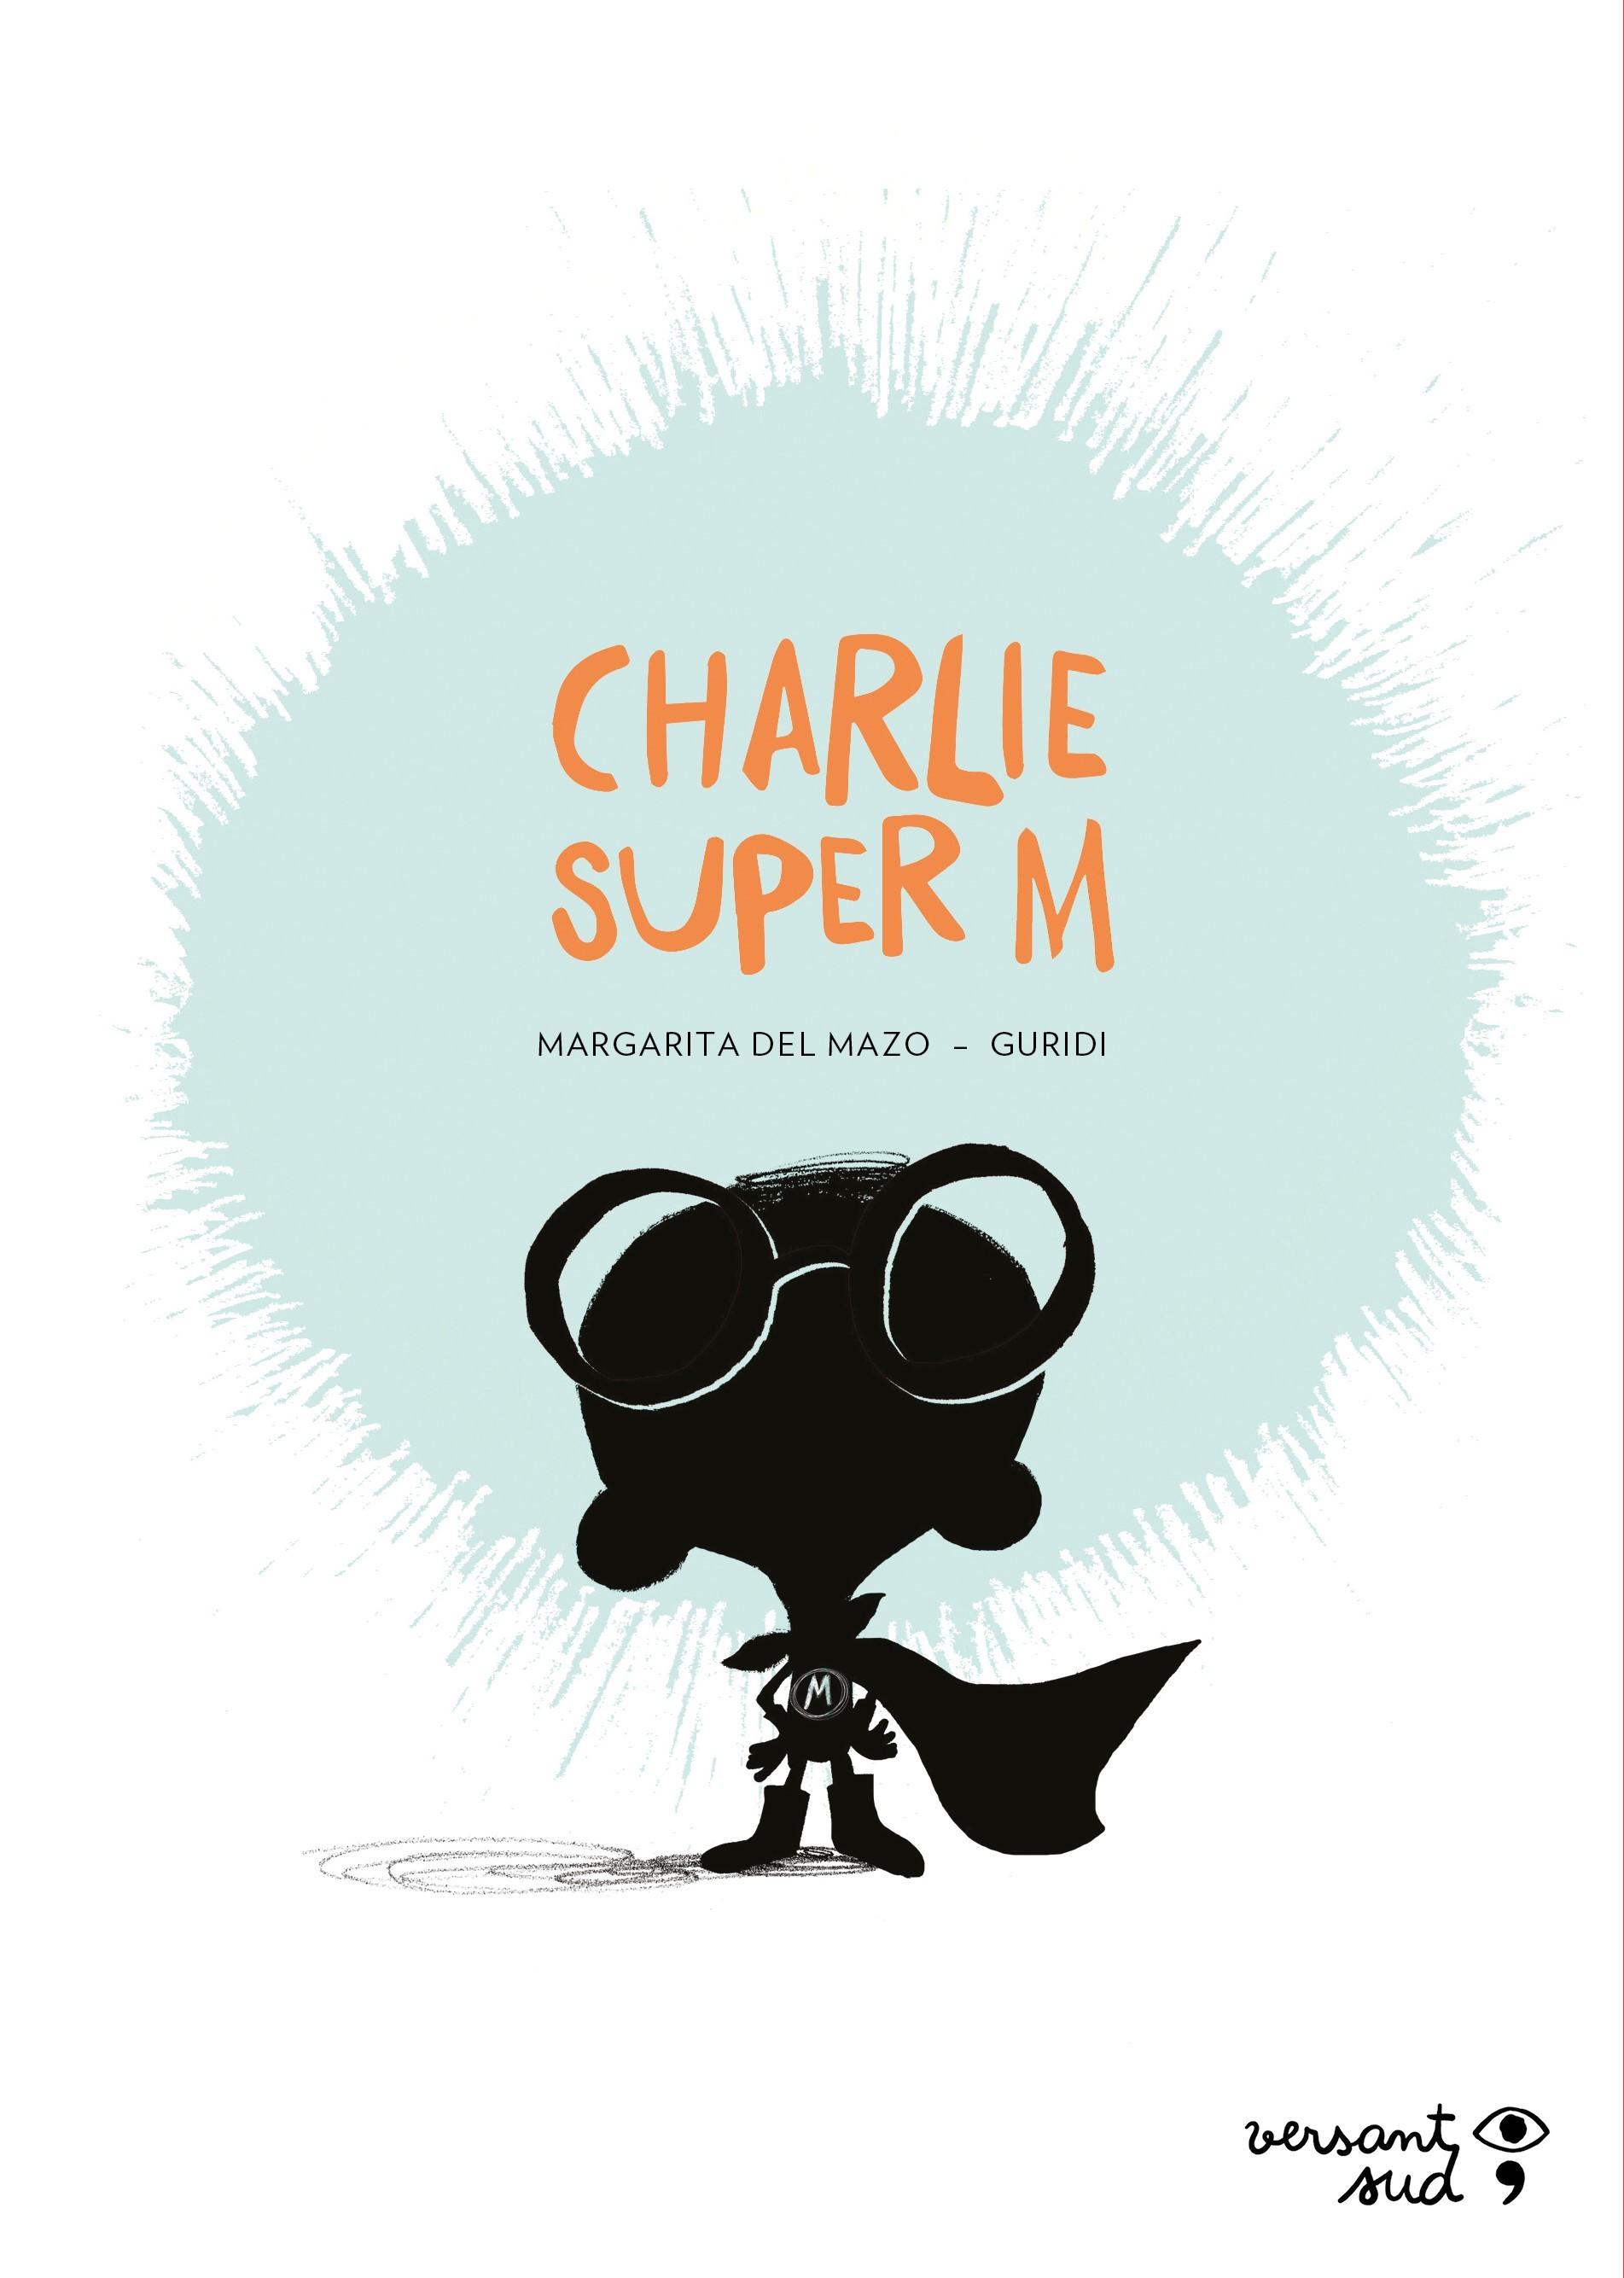 CHARLIE SUPER M